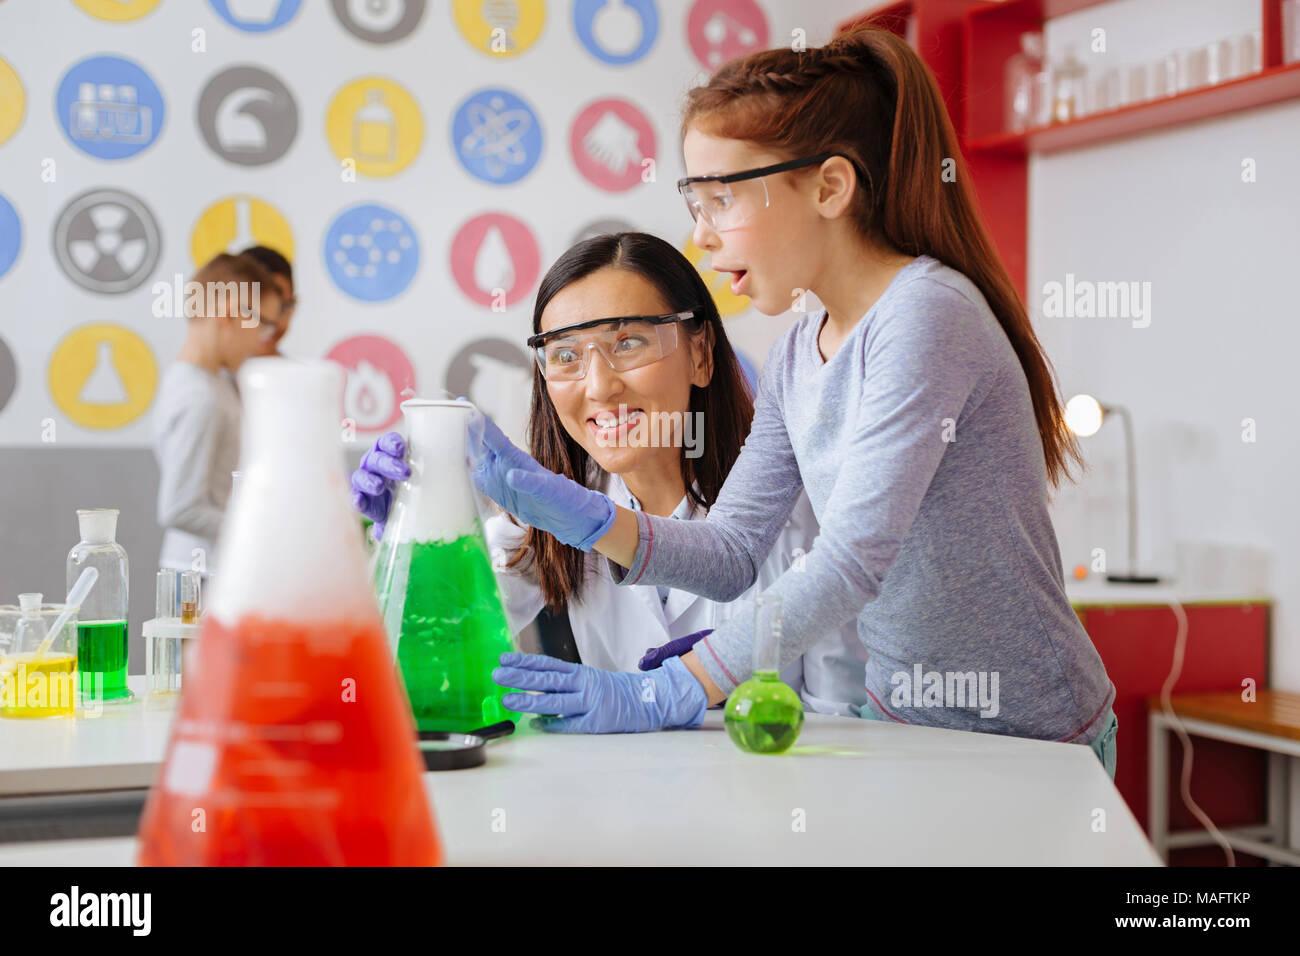 Sorprendido el profesor y el alumno están sorprendidos con la reacción química Imagen De Stock